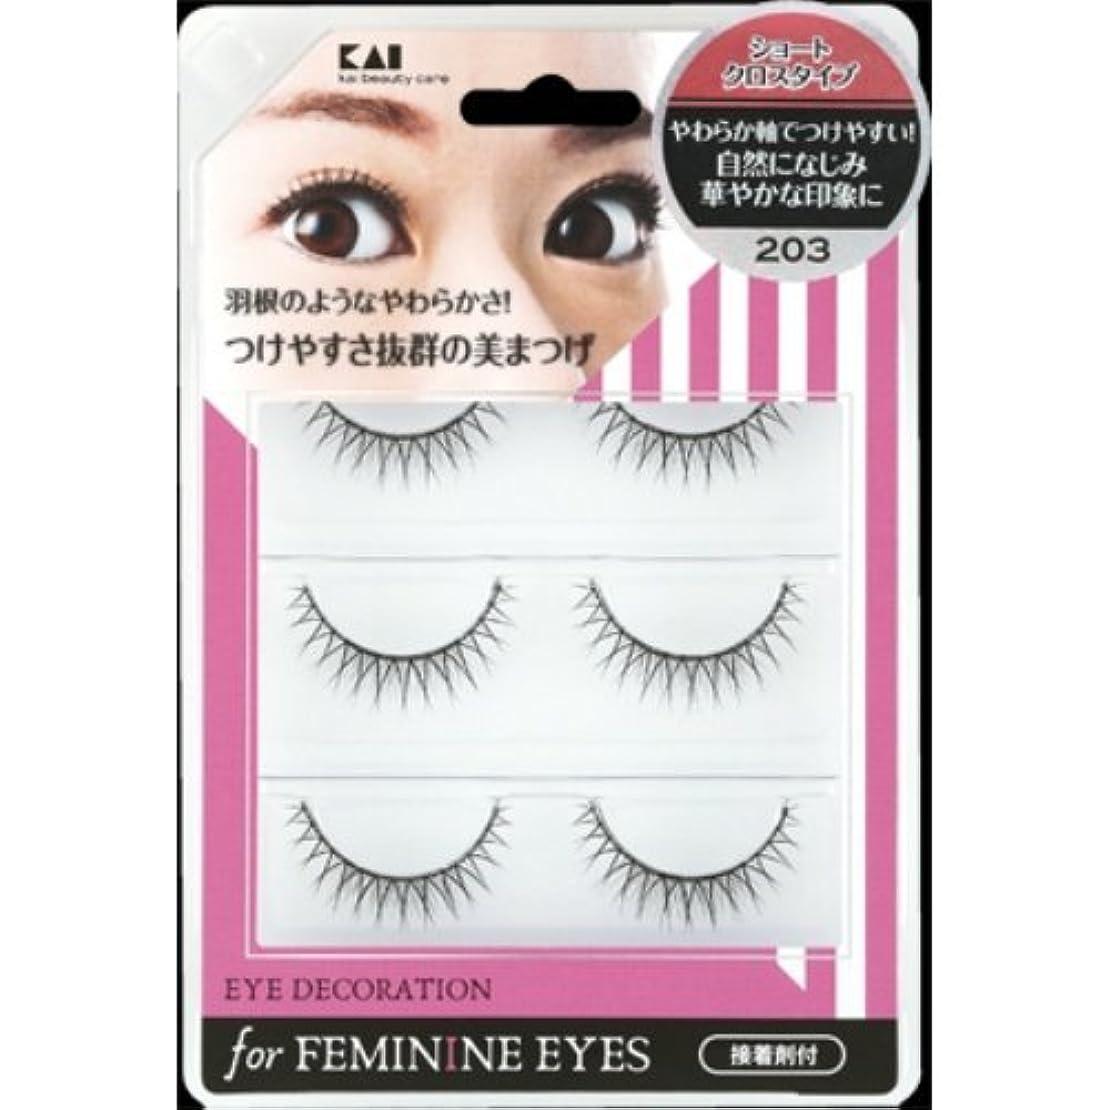 本土迫害呼吸する貝印 アイデコレーション for feminine eyes 203 HC1560